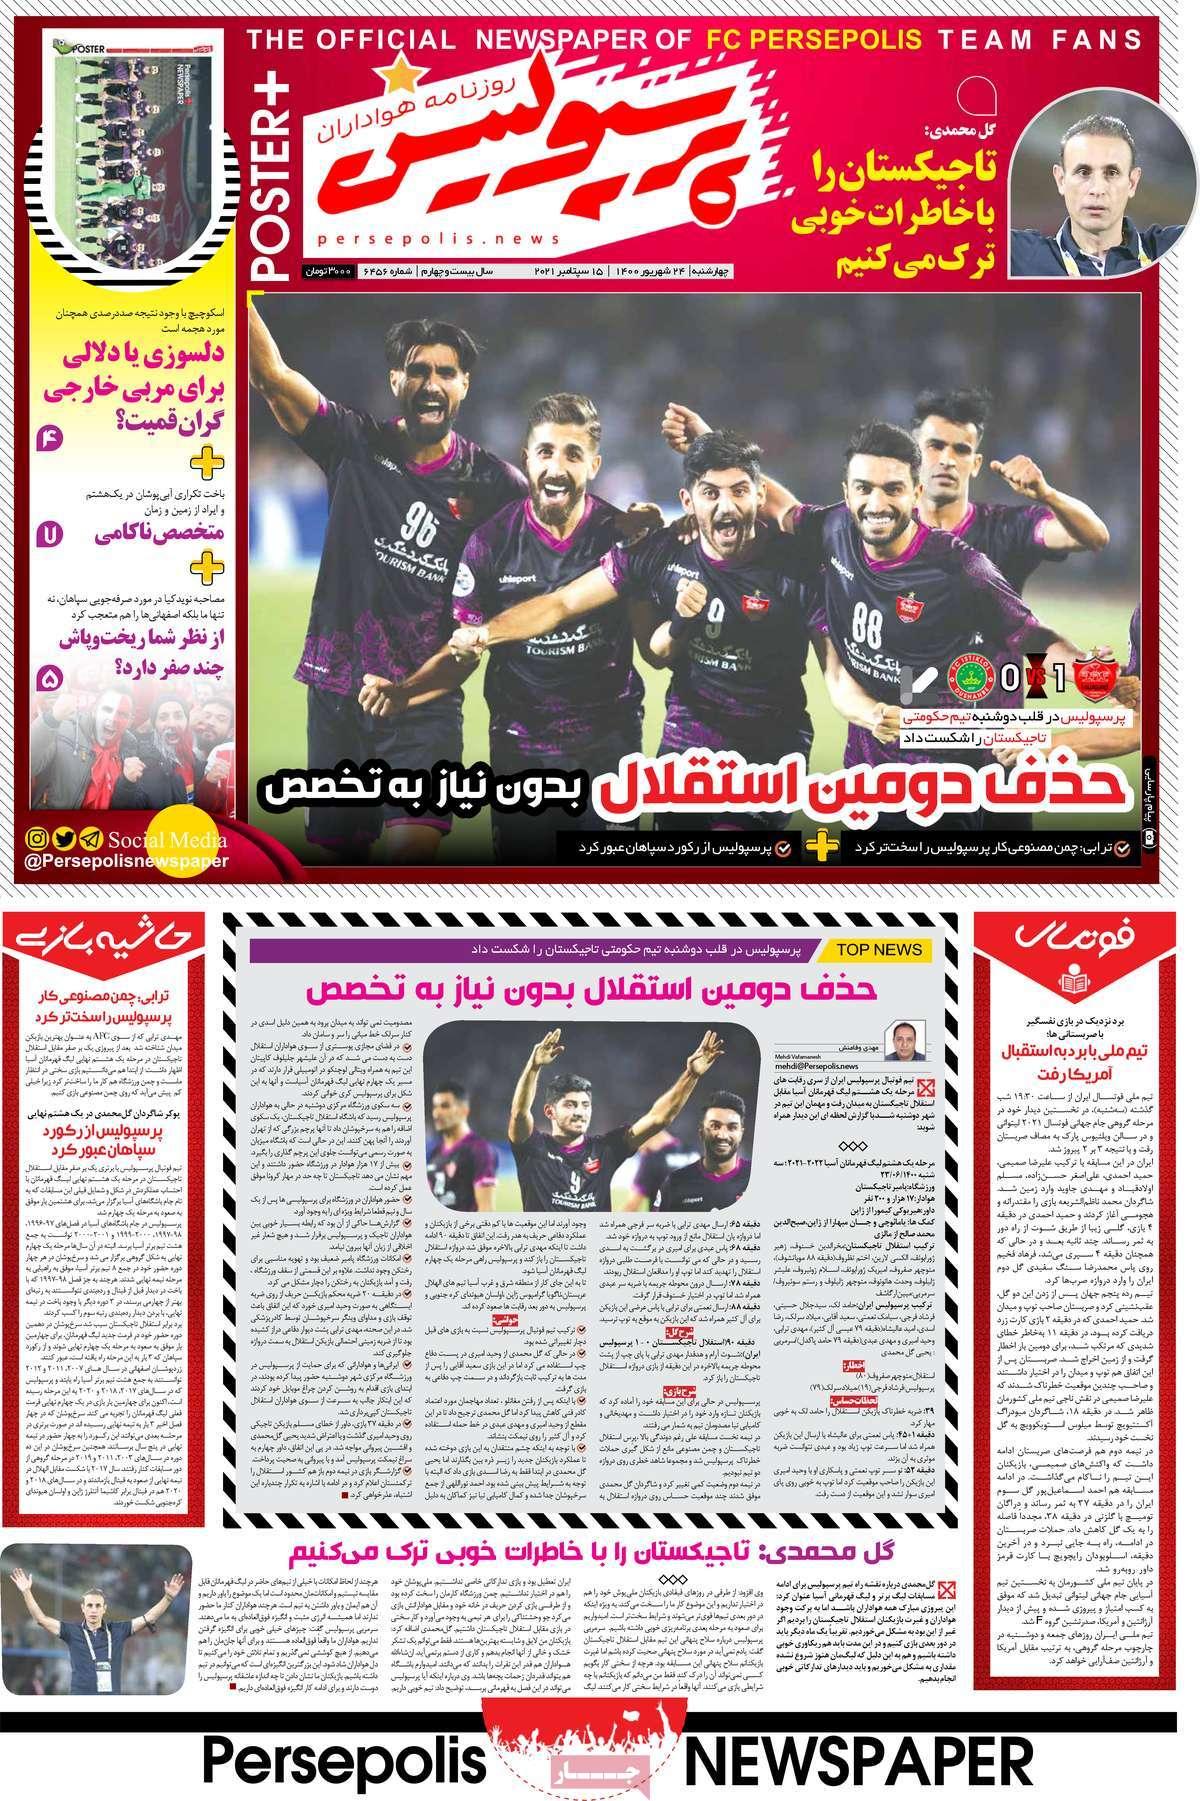 روزنامه پرسپولیس